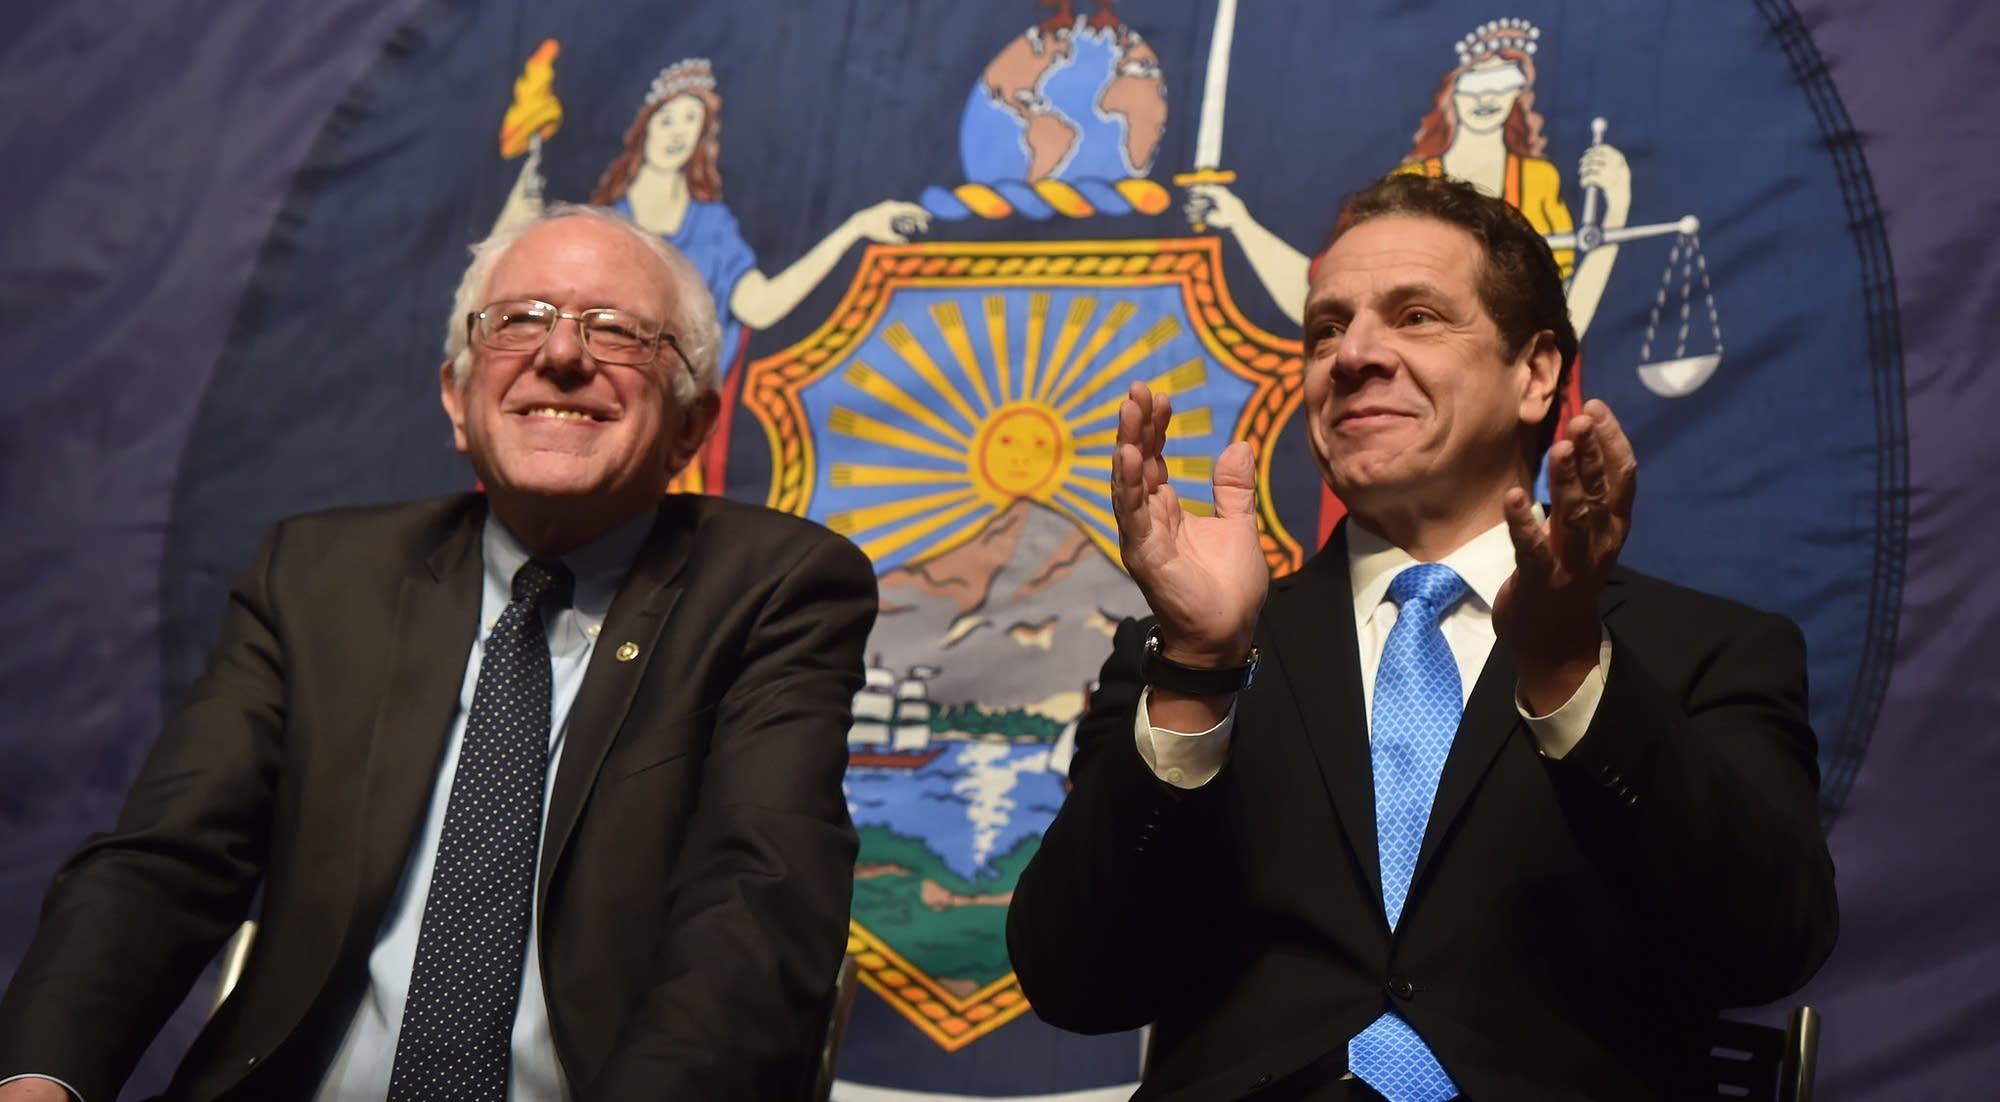 Sen. Bernie Sanders and Gov. Andrew Cuomo